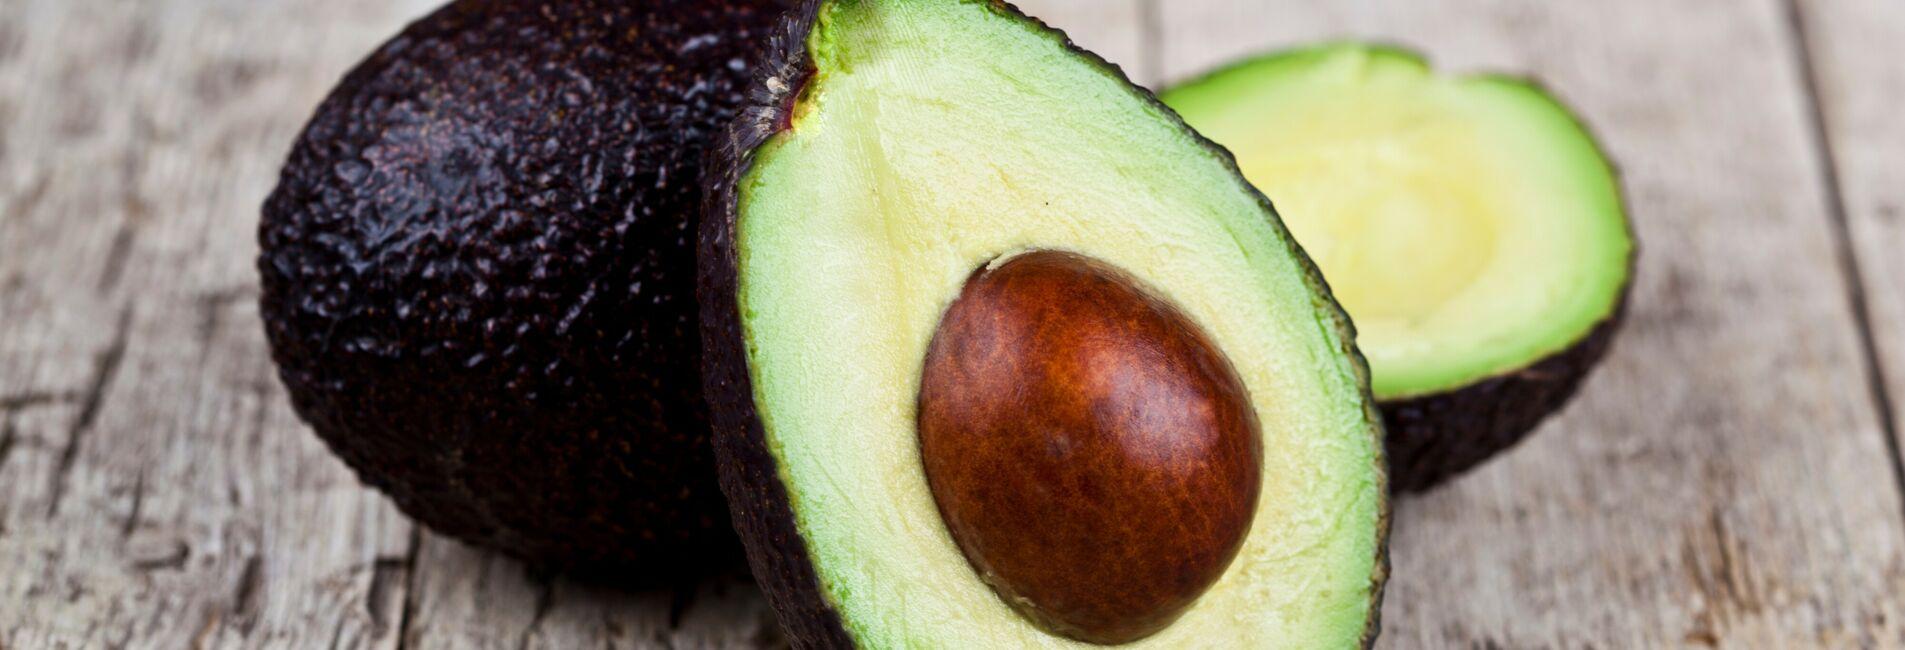 137.000 Avocado-Kisten pro Monat